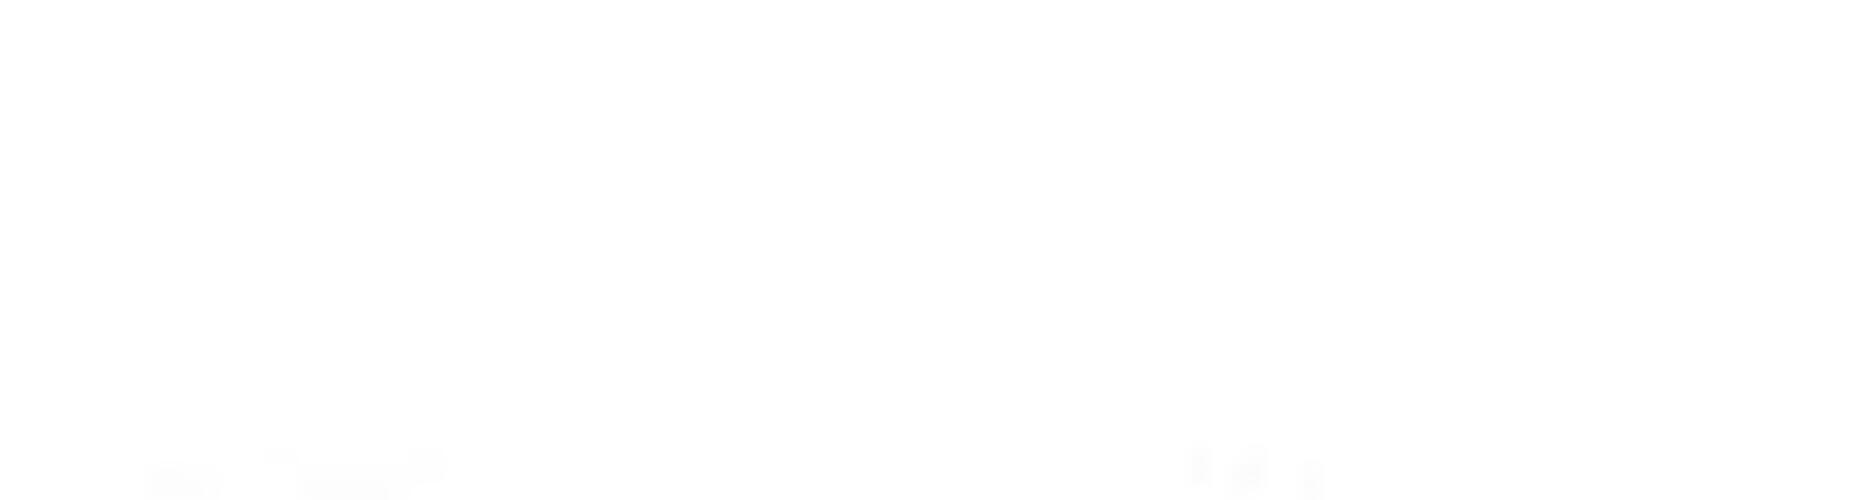 Prendi parte all'evento Moto GP!